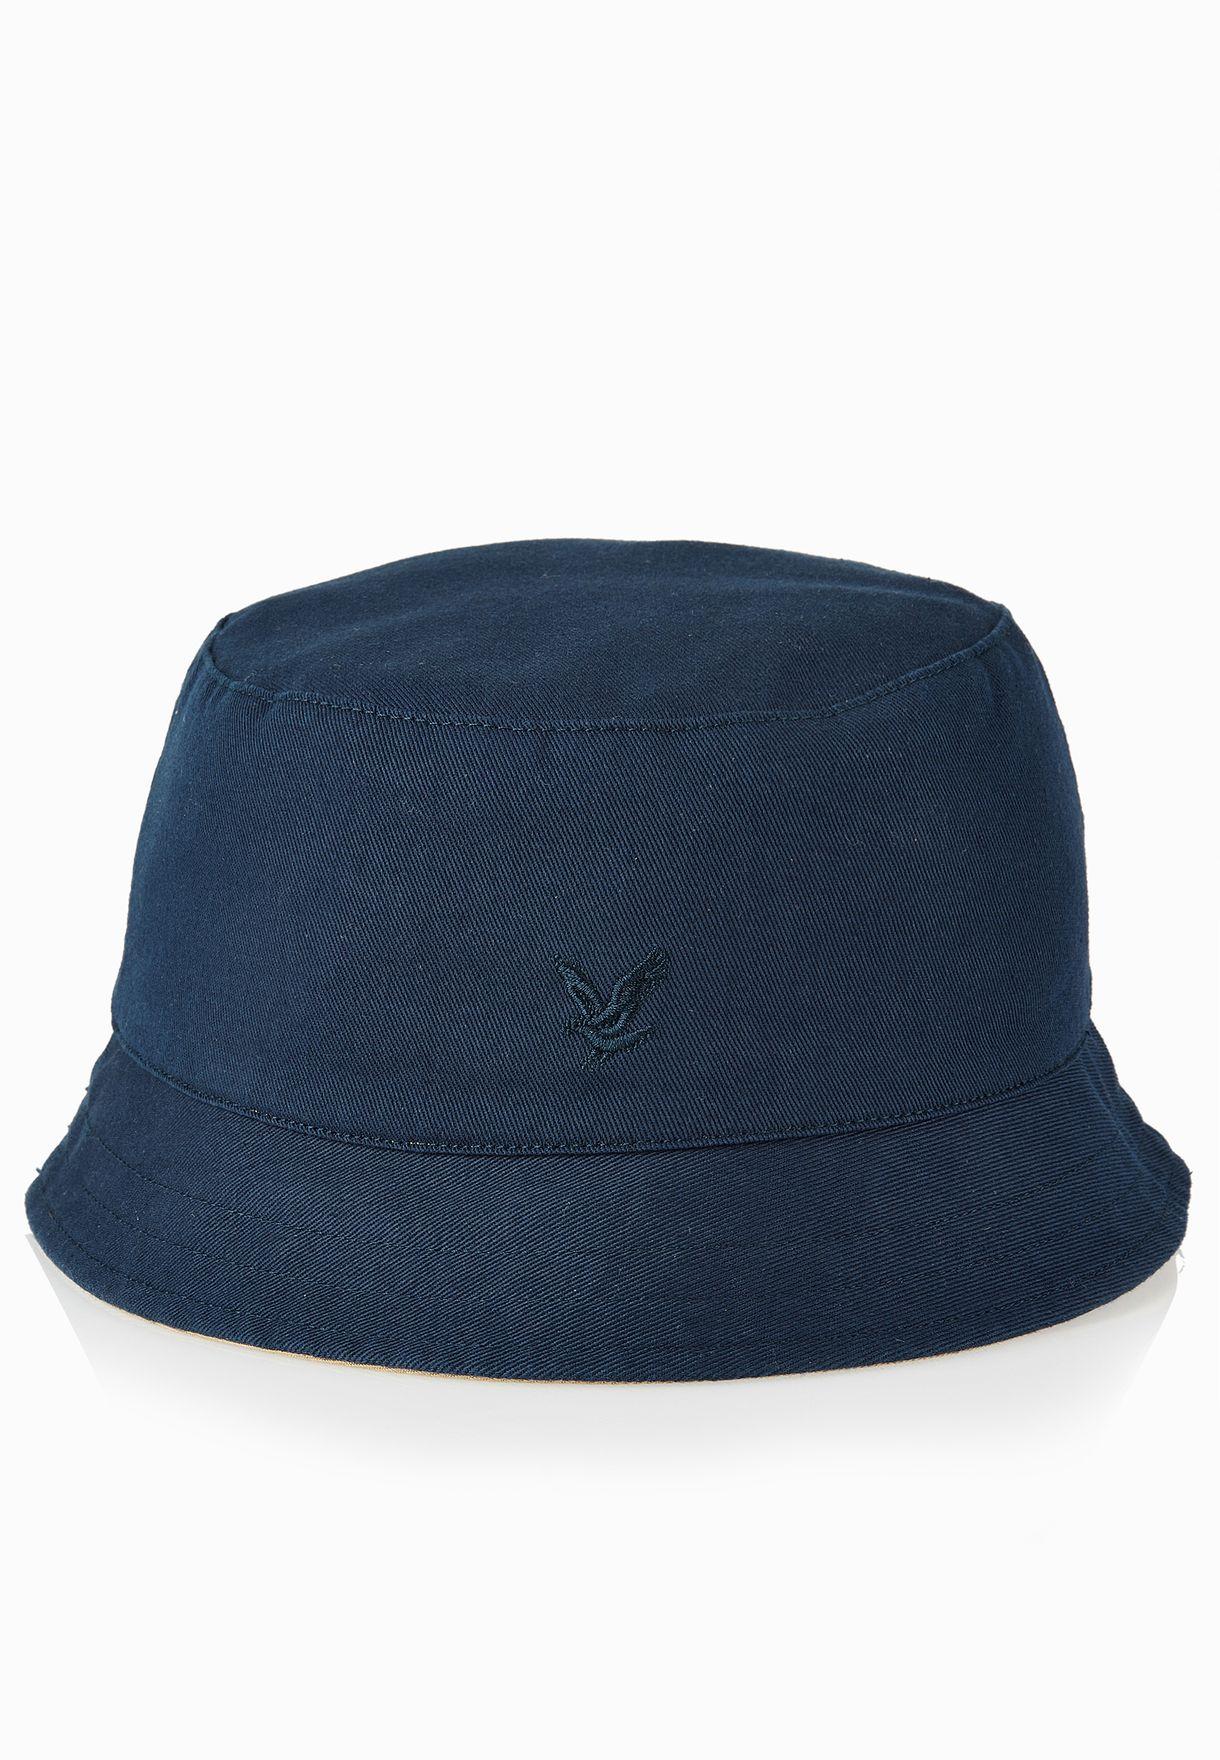 f11614944fe Shop Lyle Scott navy Reversible Bucket Hat HE402A-506 for Men in ...